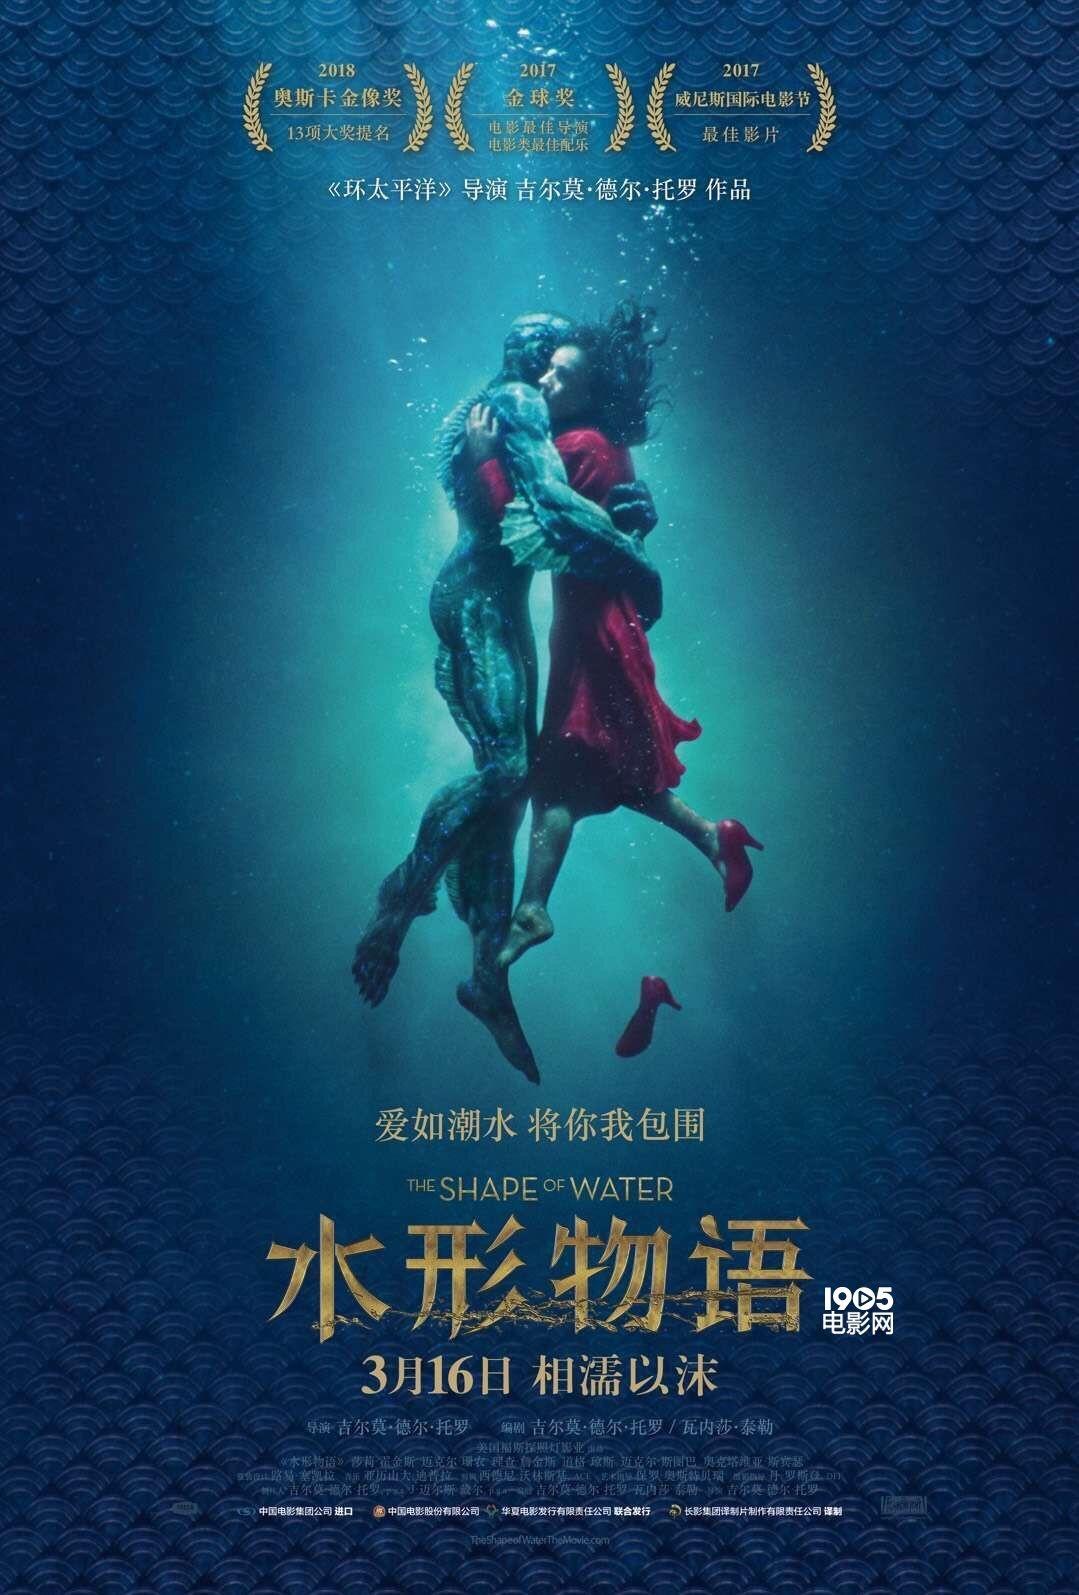 《水形物语》曝光导演特辑 托罗十年磨剑冲奥有望